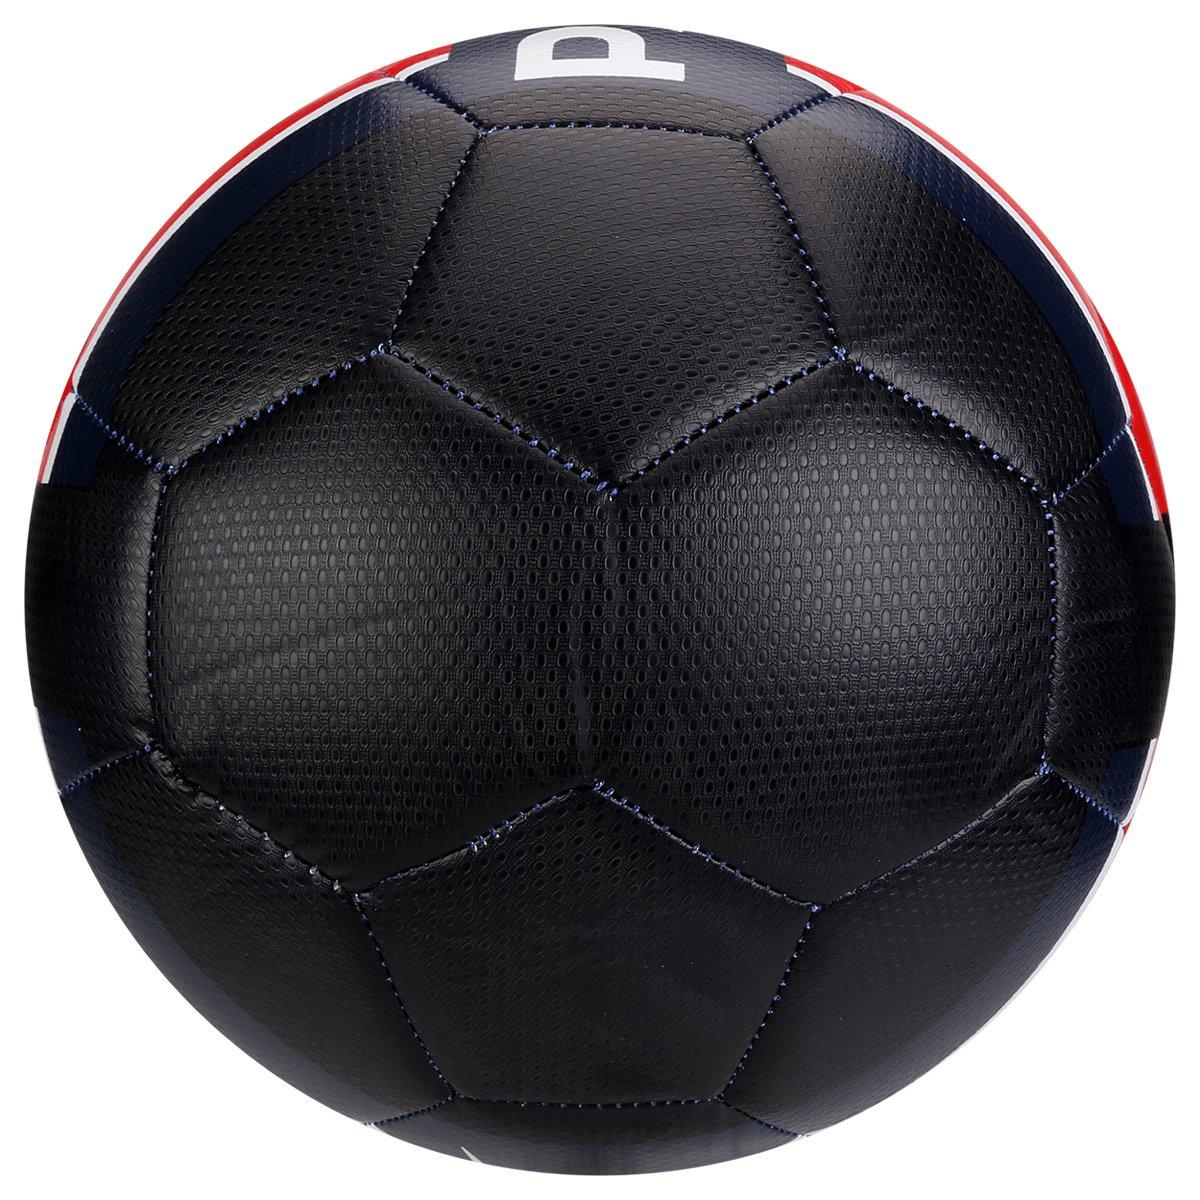 Bola Futebol Nike Paris Saint Germain Prestige Campo - Compre Agora ... be2bcb07115ab